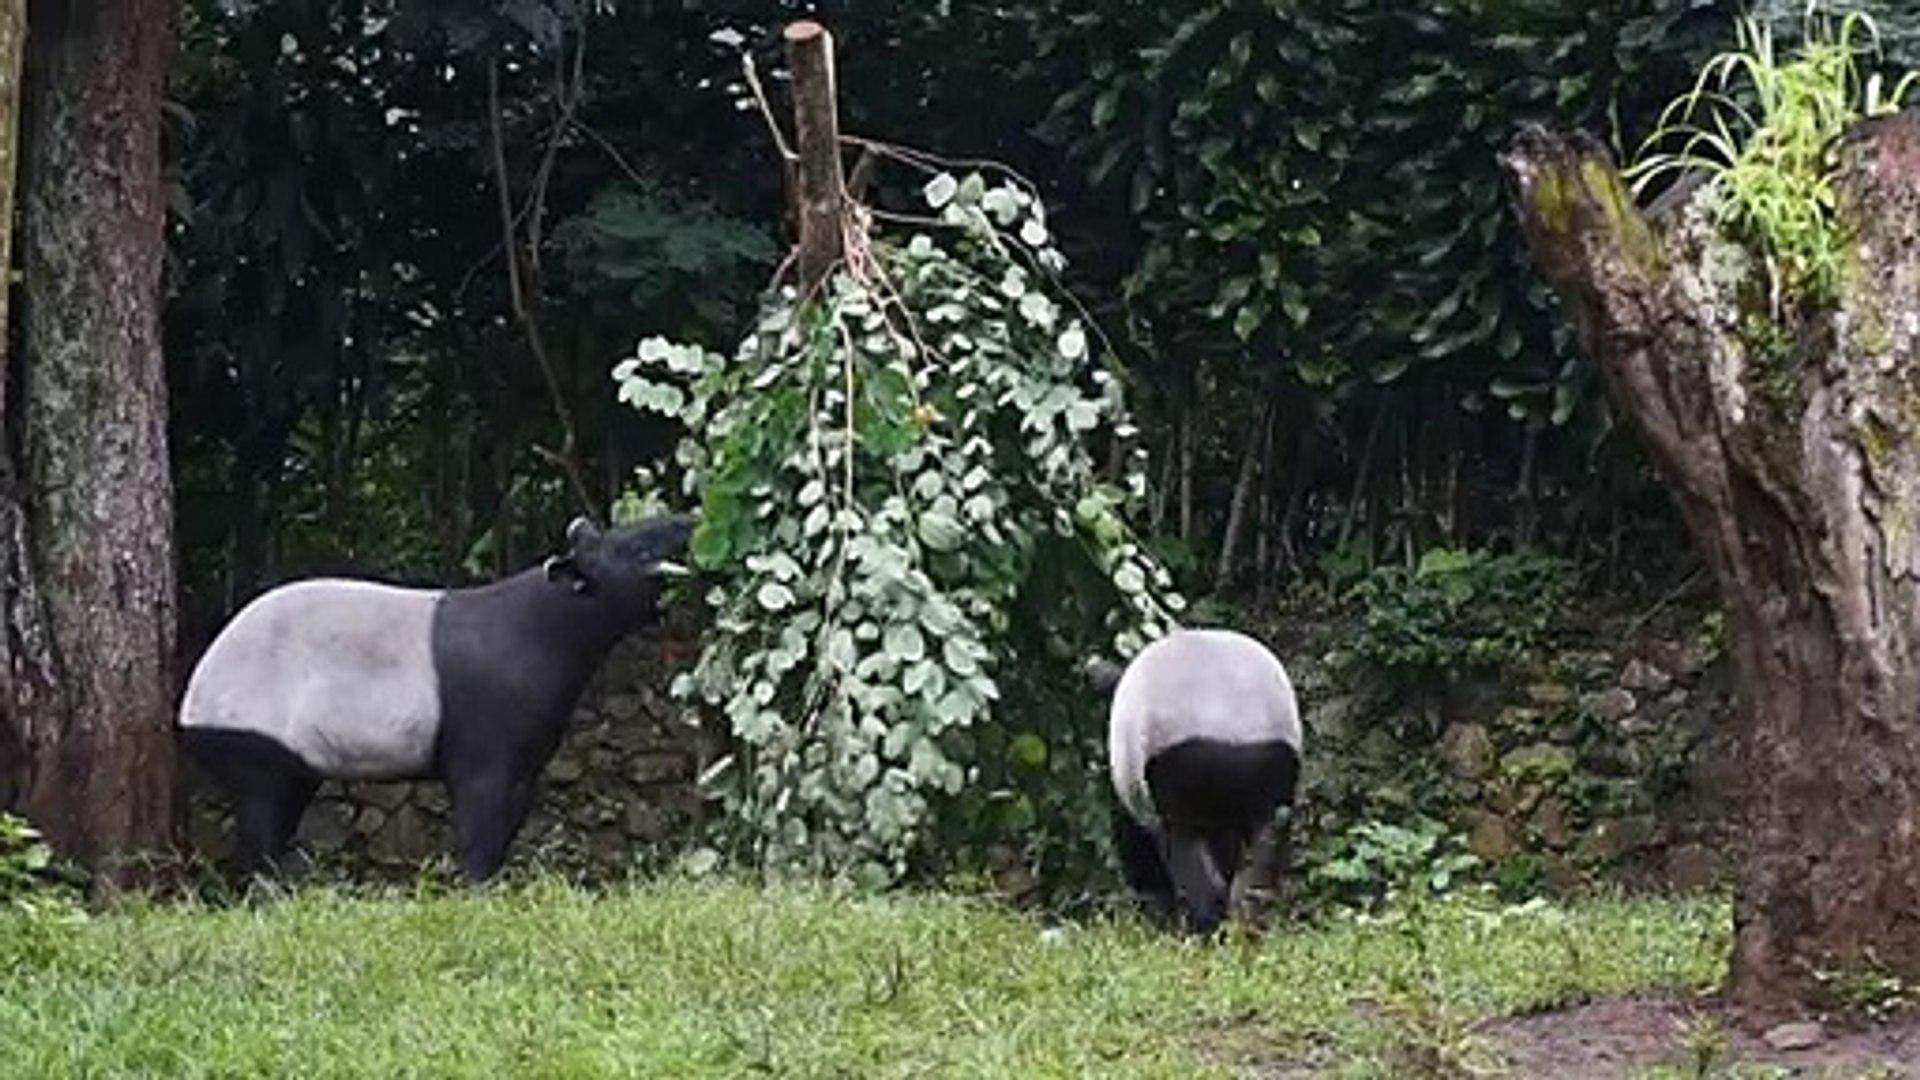 فيروس كورونا يدفع الحيوانات في حدائق الحيوان في إندونيسيا إلى حافة المجاعة